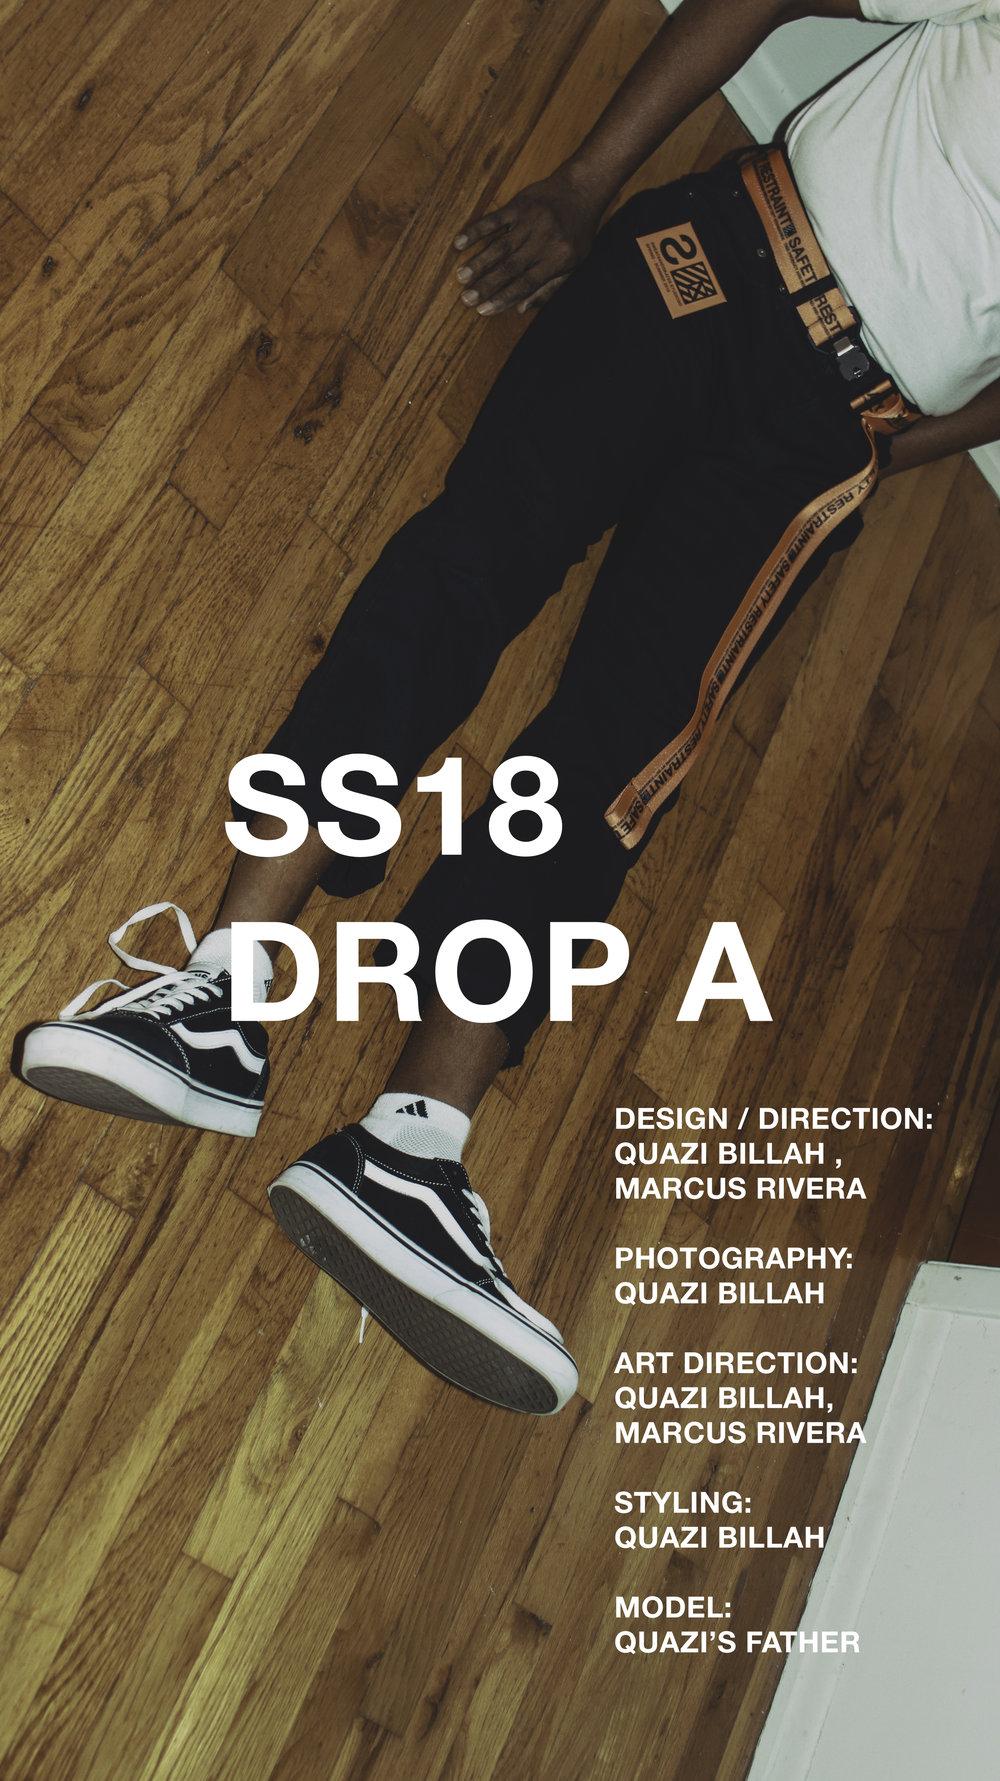 ss18-dropa-look-6.jpg